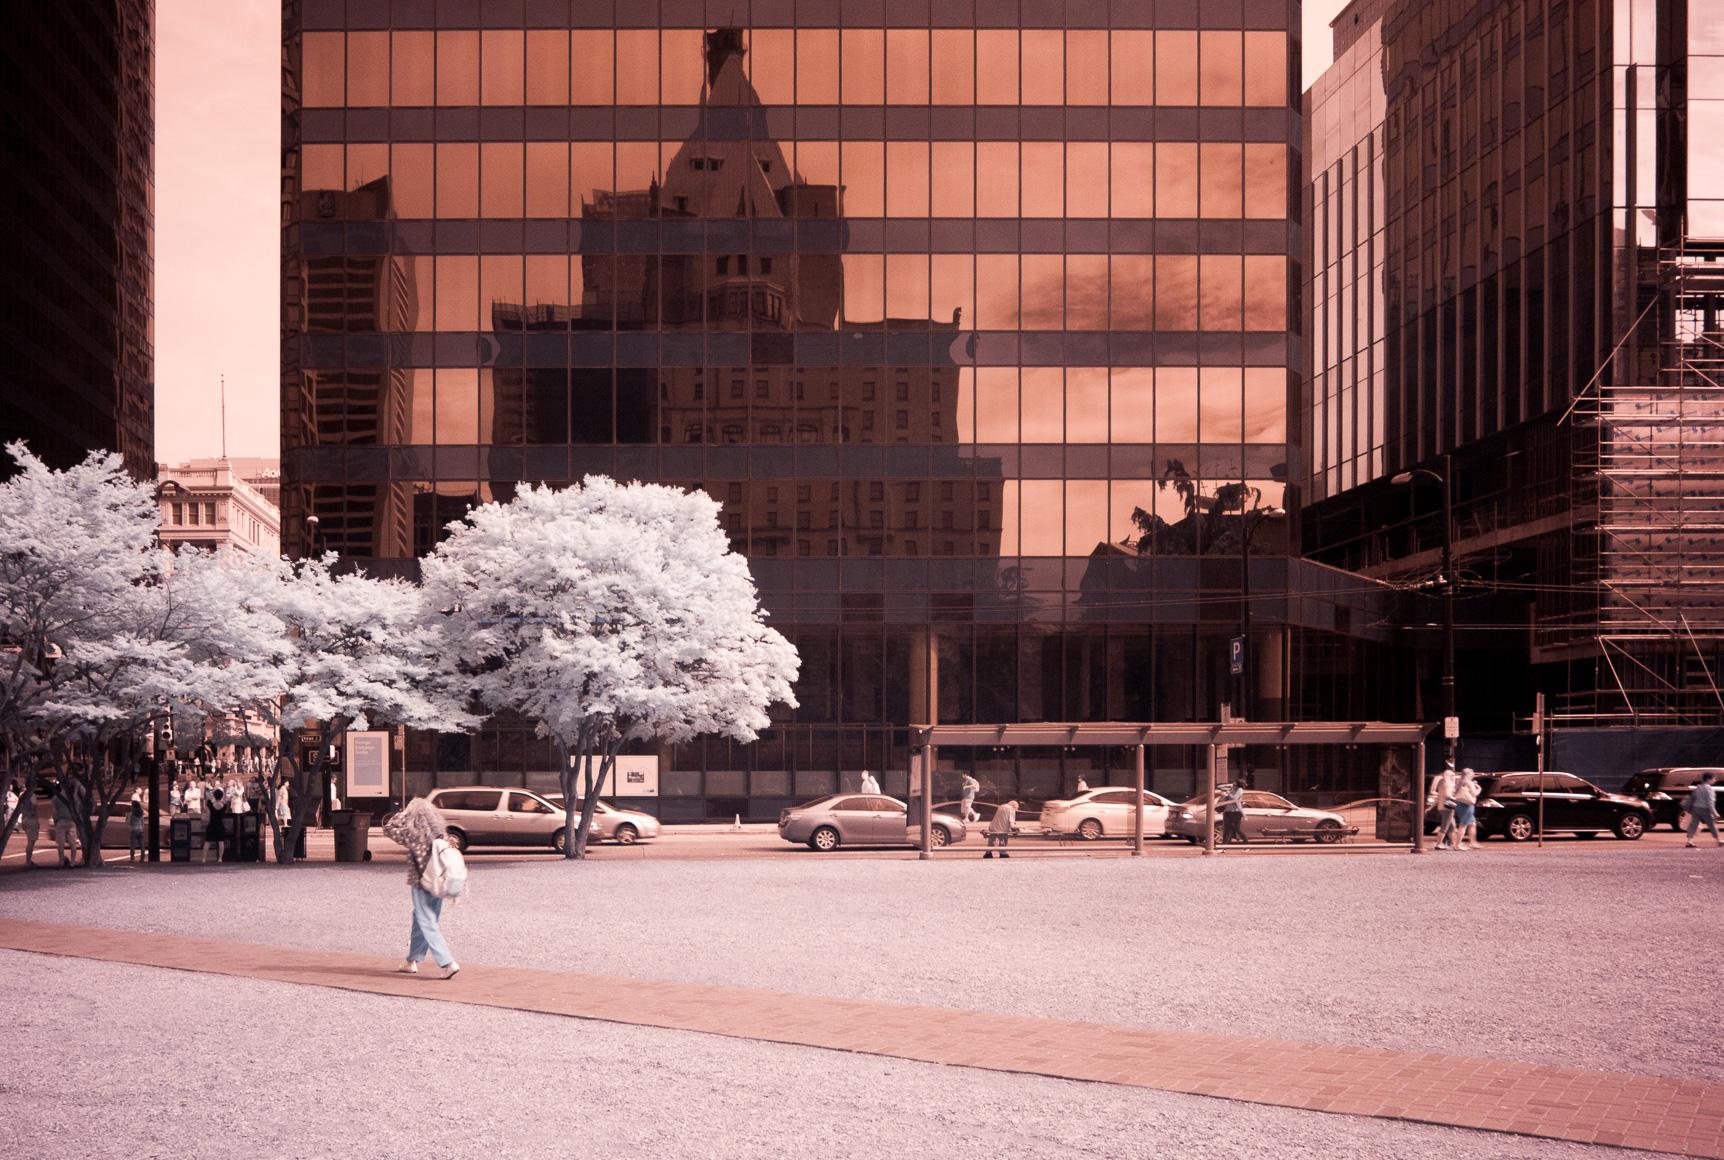 Leica M8.2 | Voigtlander Color-Skopar 21mm f/4 + Infrared Filter